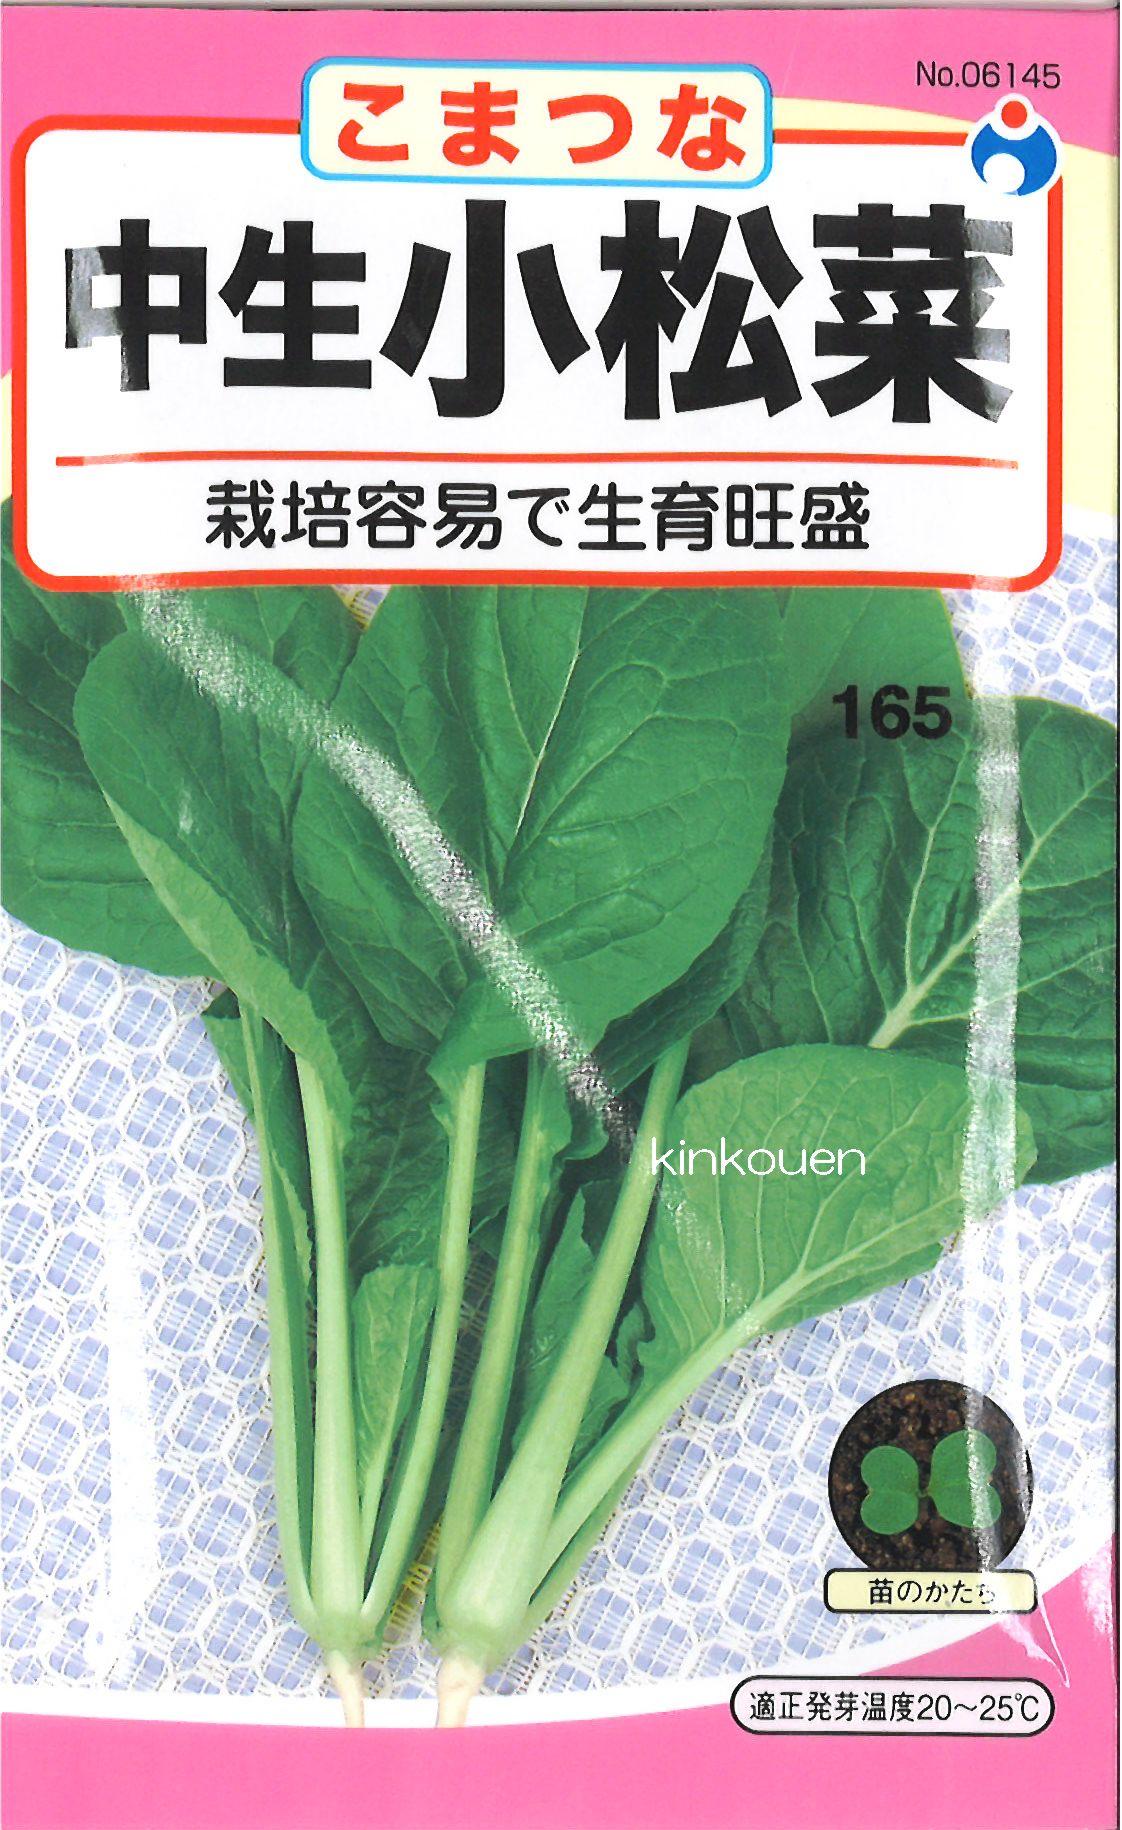 【代引不可】【5袋まで送料80円】 □ コマツナ 中生小松菜